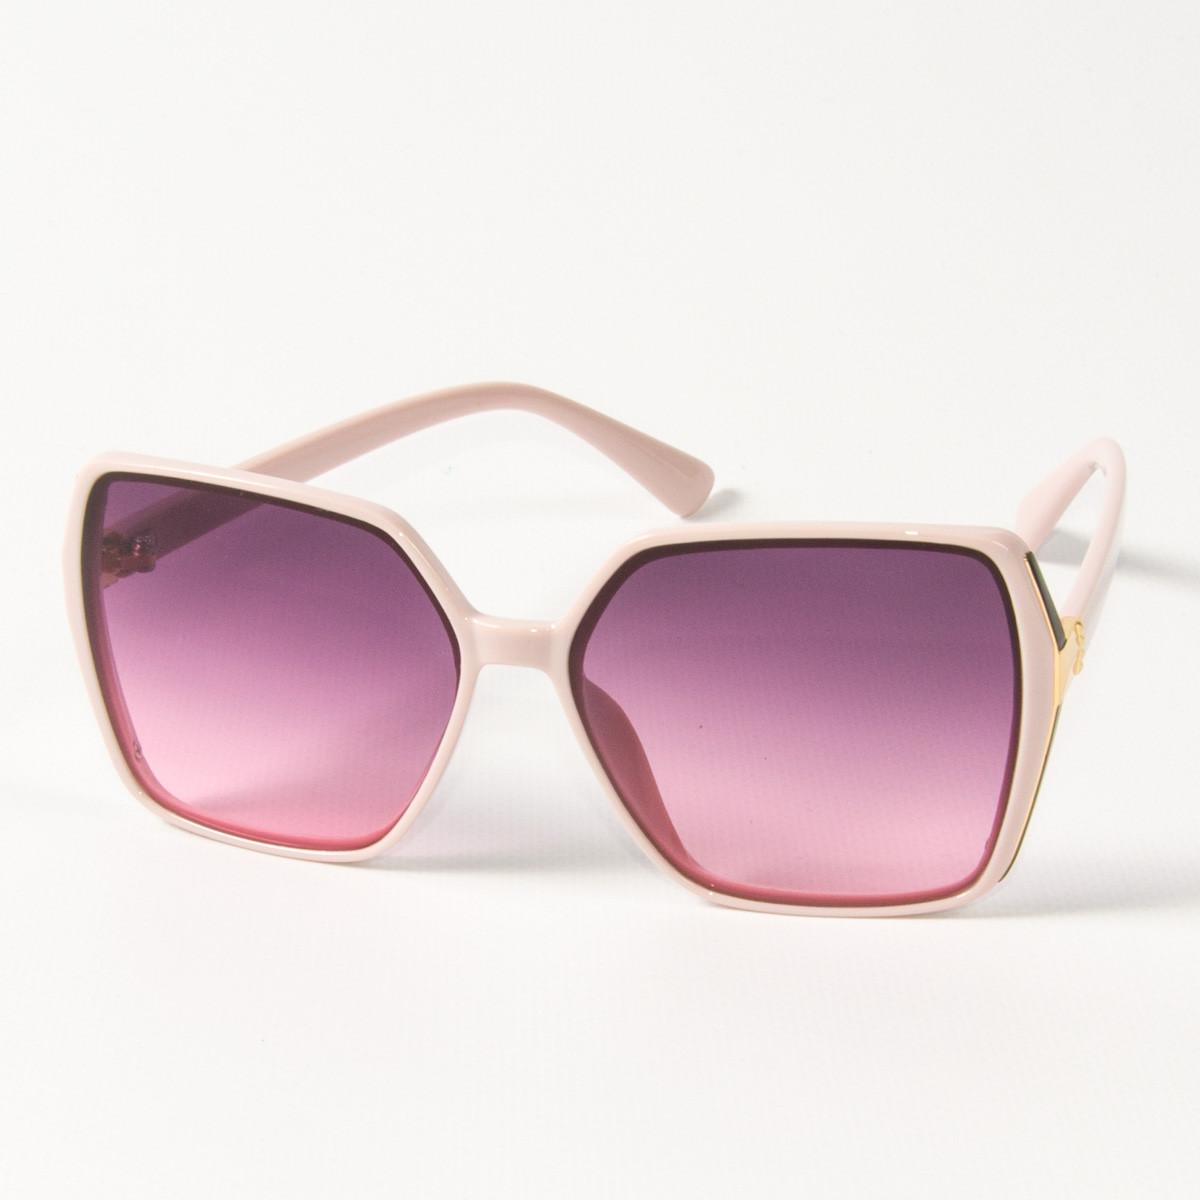 Оптом женские солнцезащитные квадратные очки  (арт. 338622/3) сиреневые